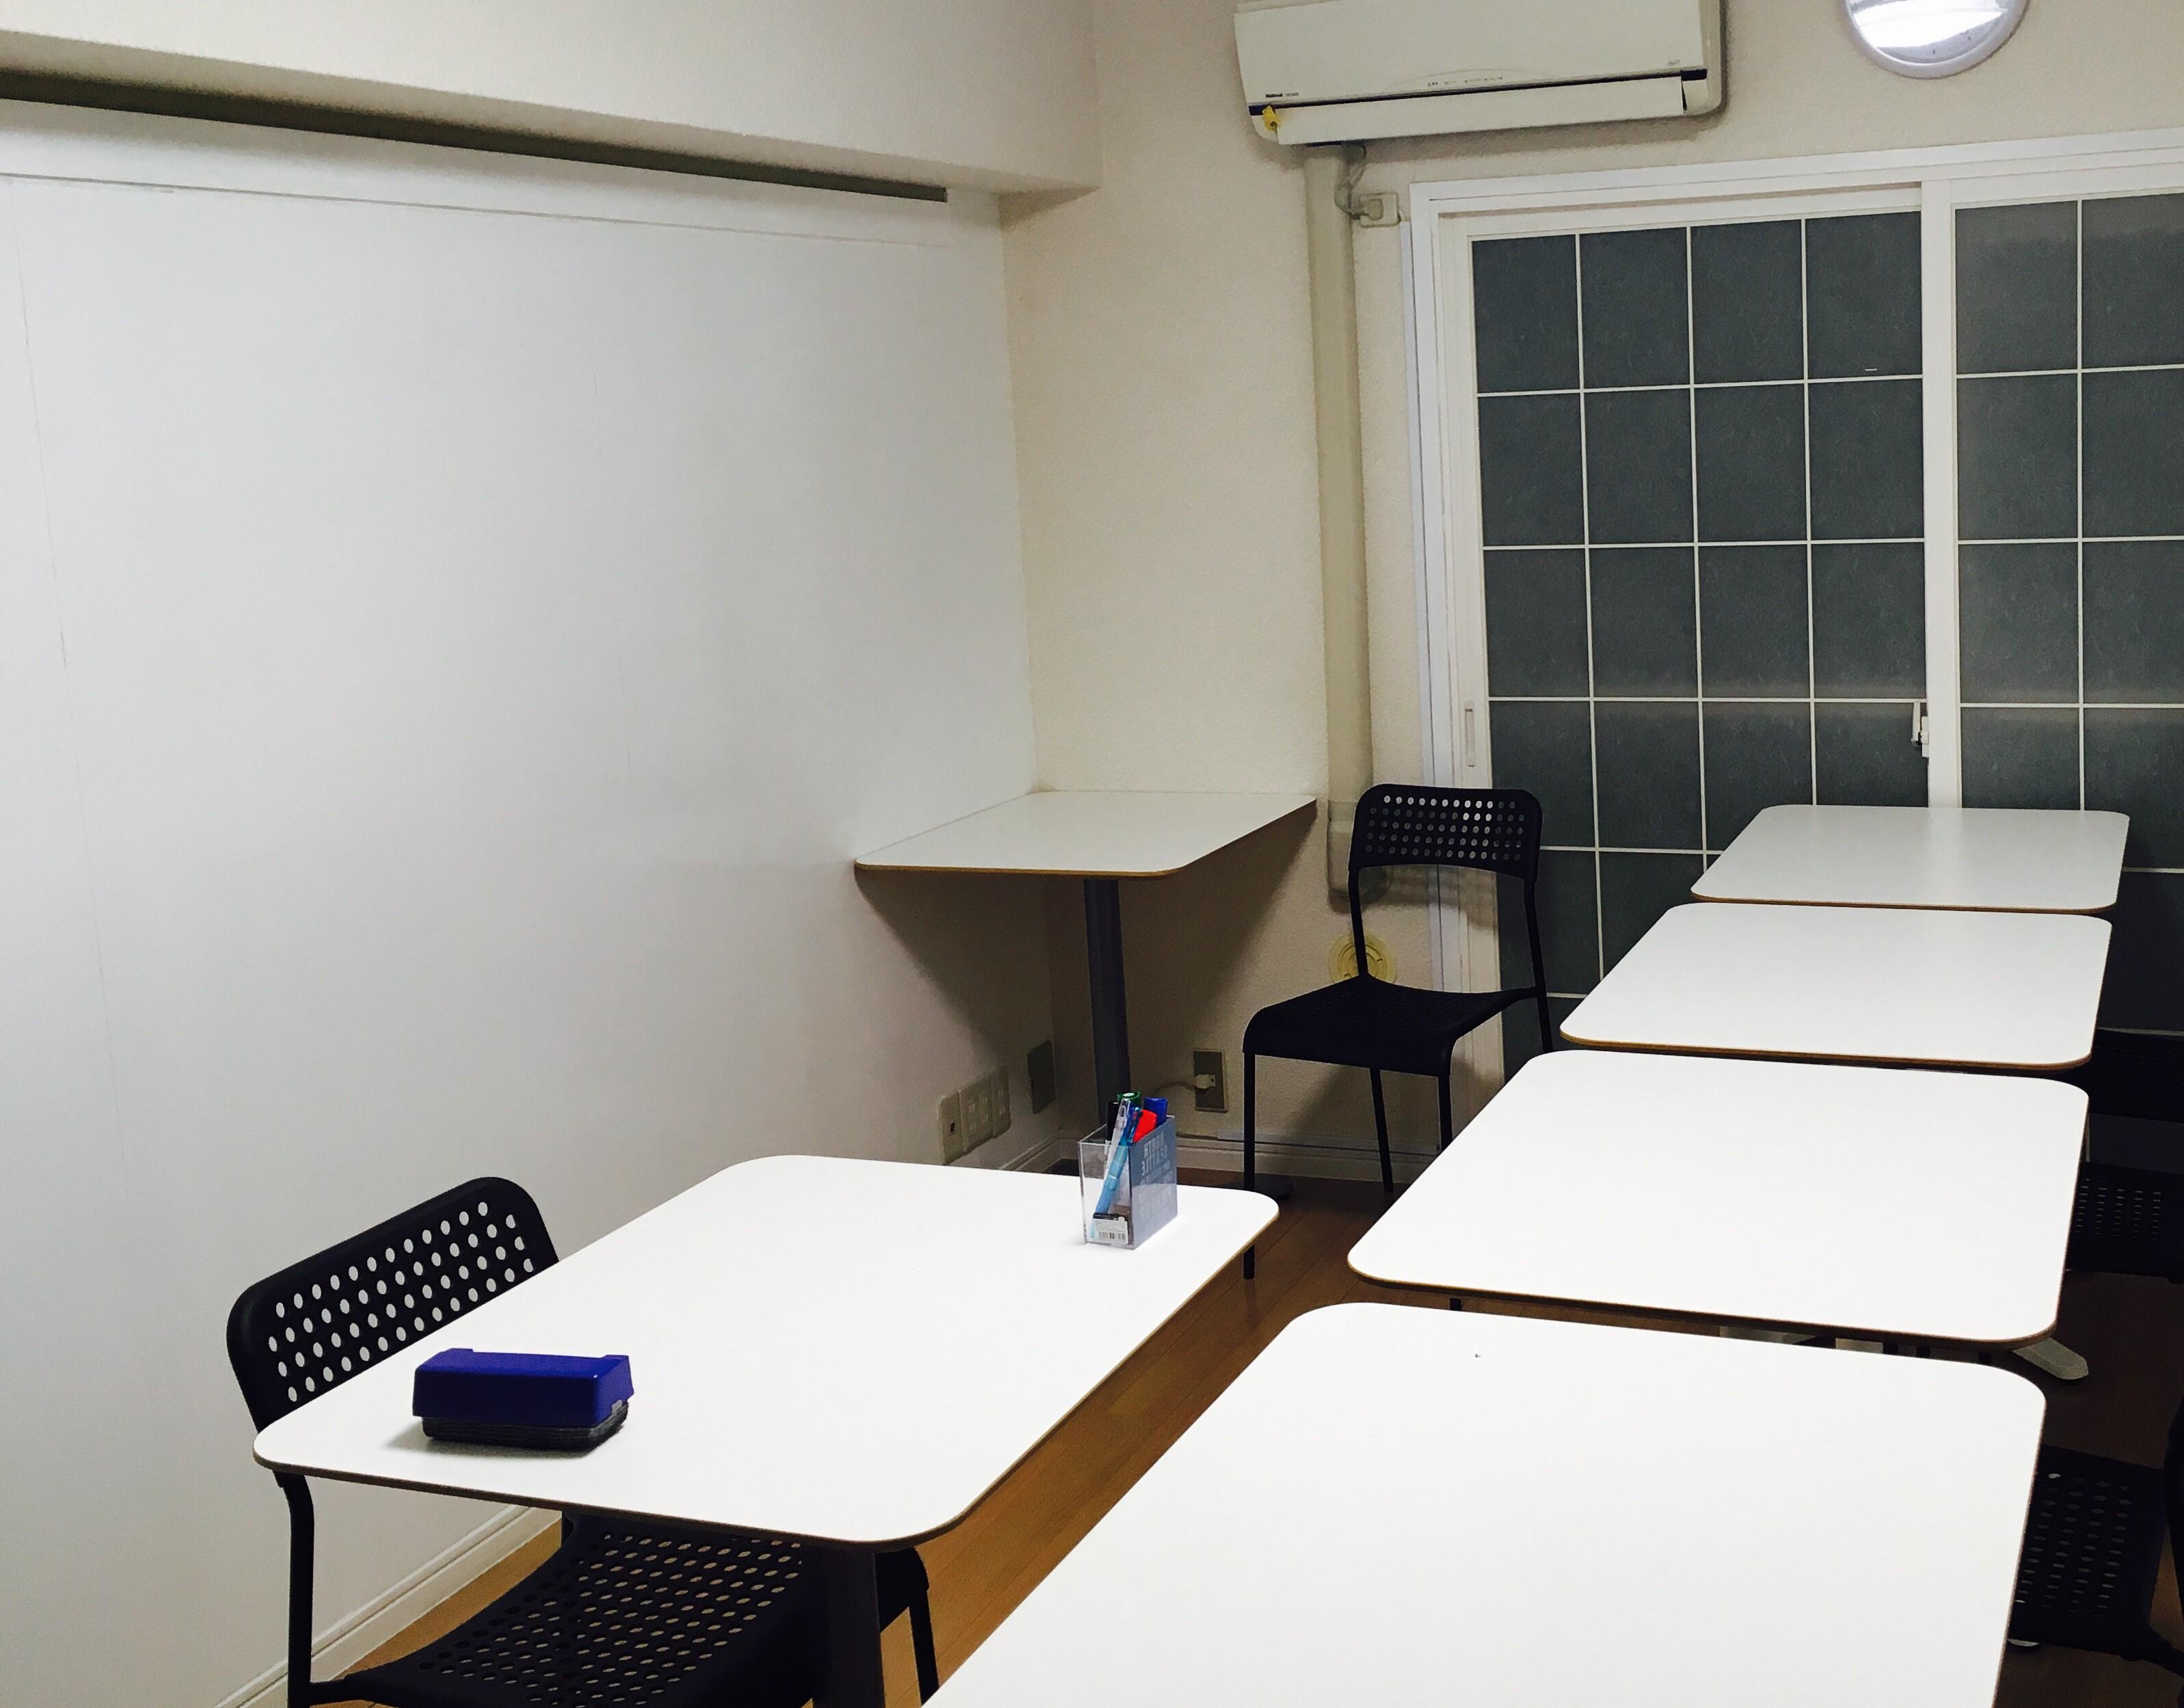 授業を行う教室は,壁がほとんど全てホワイトボード.壁中にあらゆることを書きまくって,身体全体で吸収するのです!!